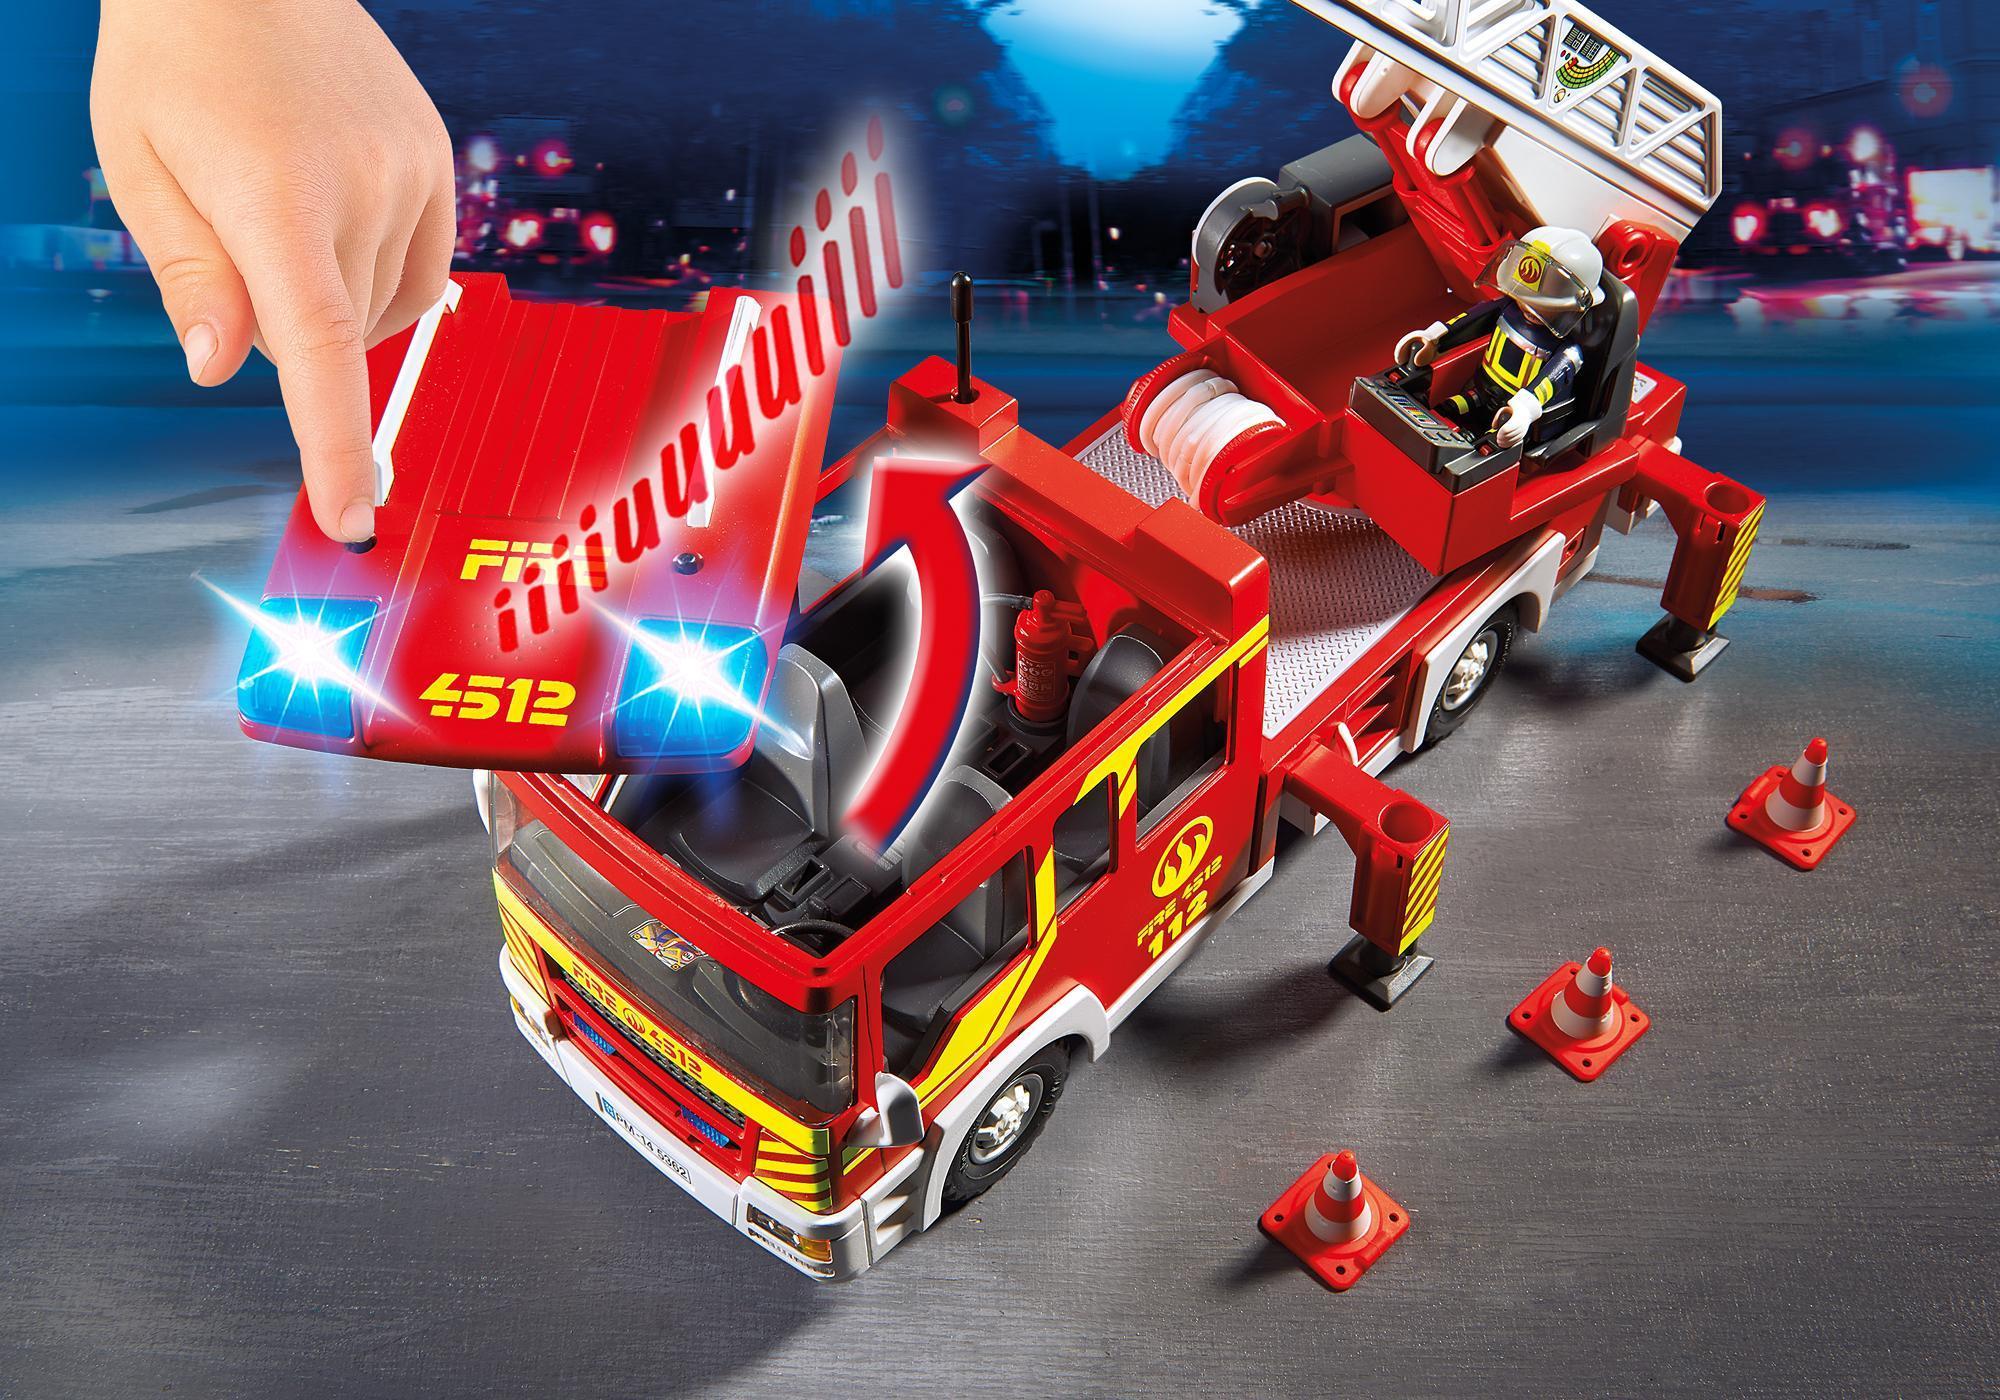 http://media.playmobil.com/i/playmobil/5362_product_extra1/Camión de Bomberos y Escalera con Luces y Sonido